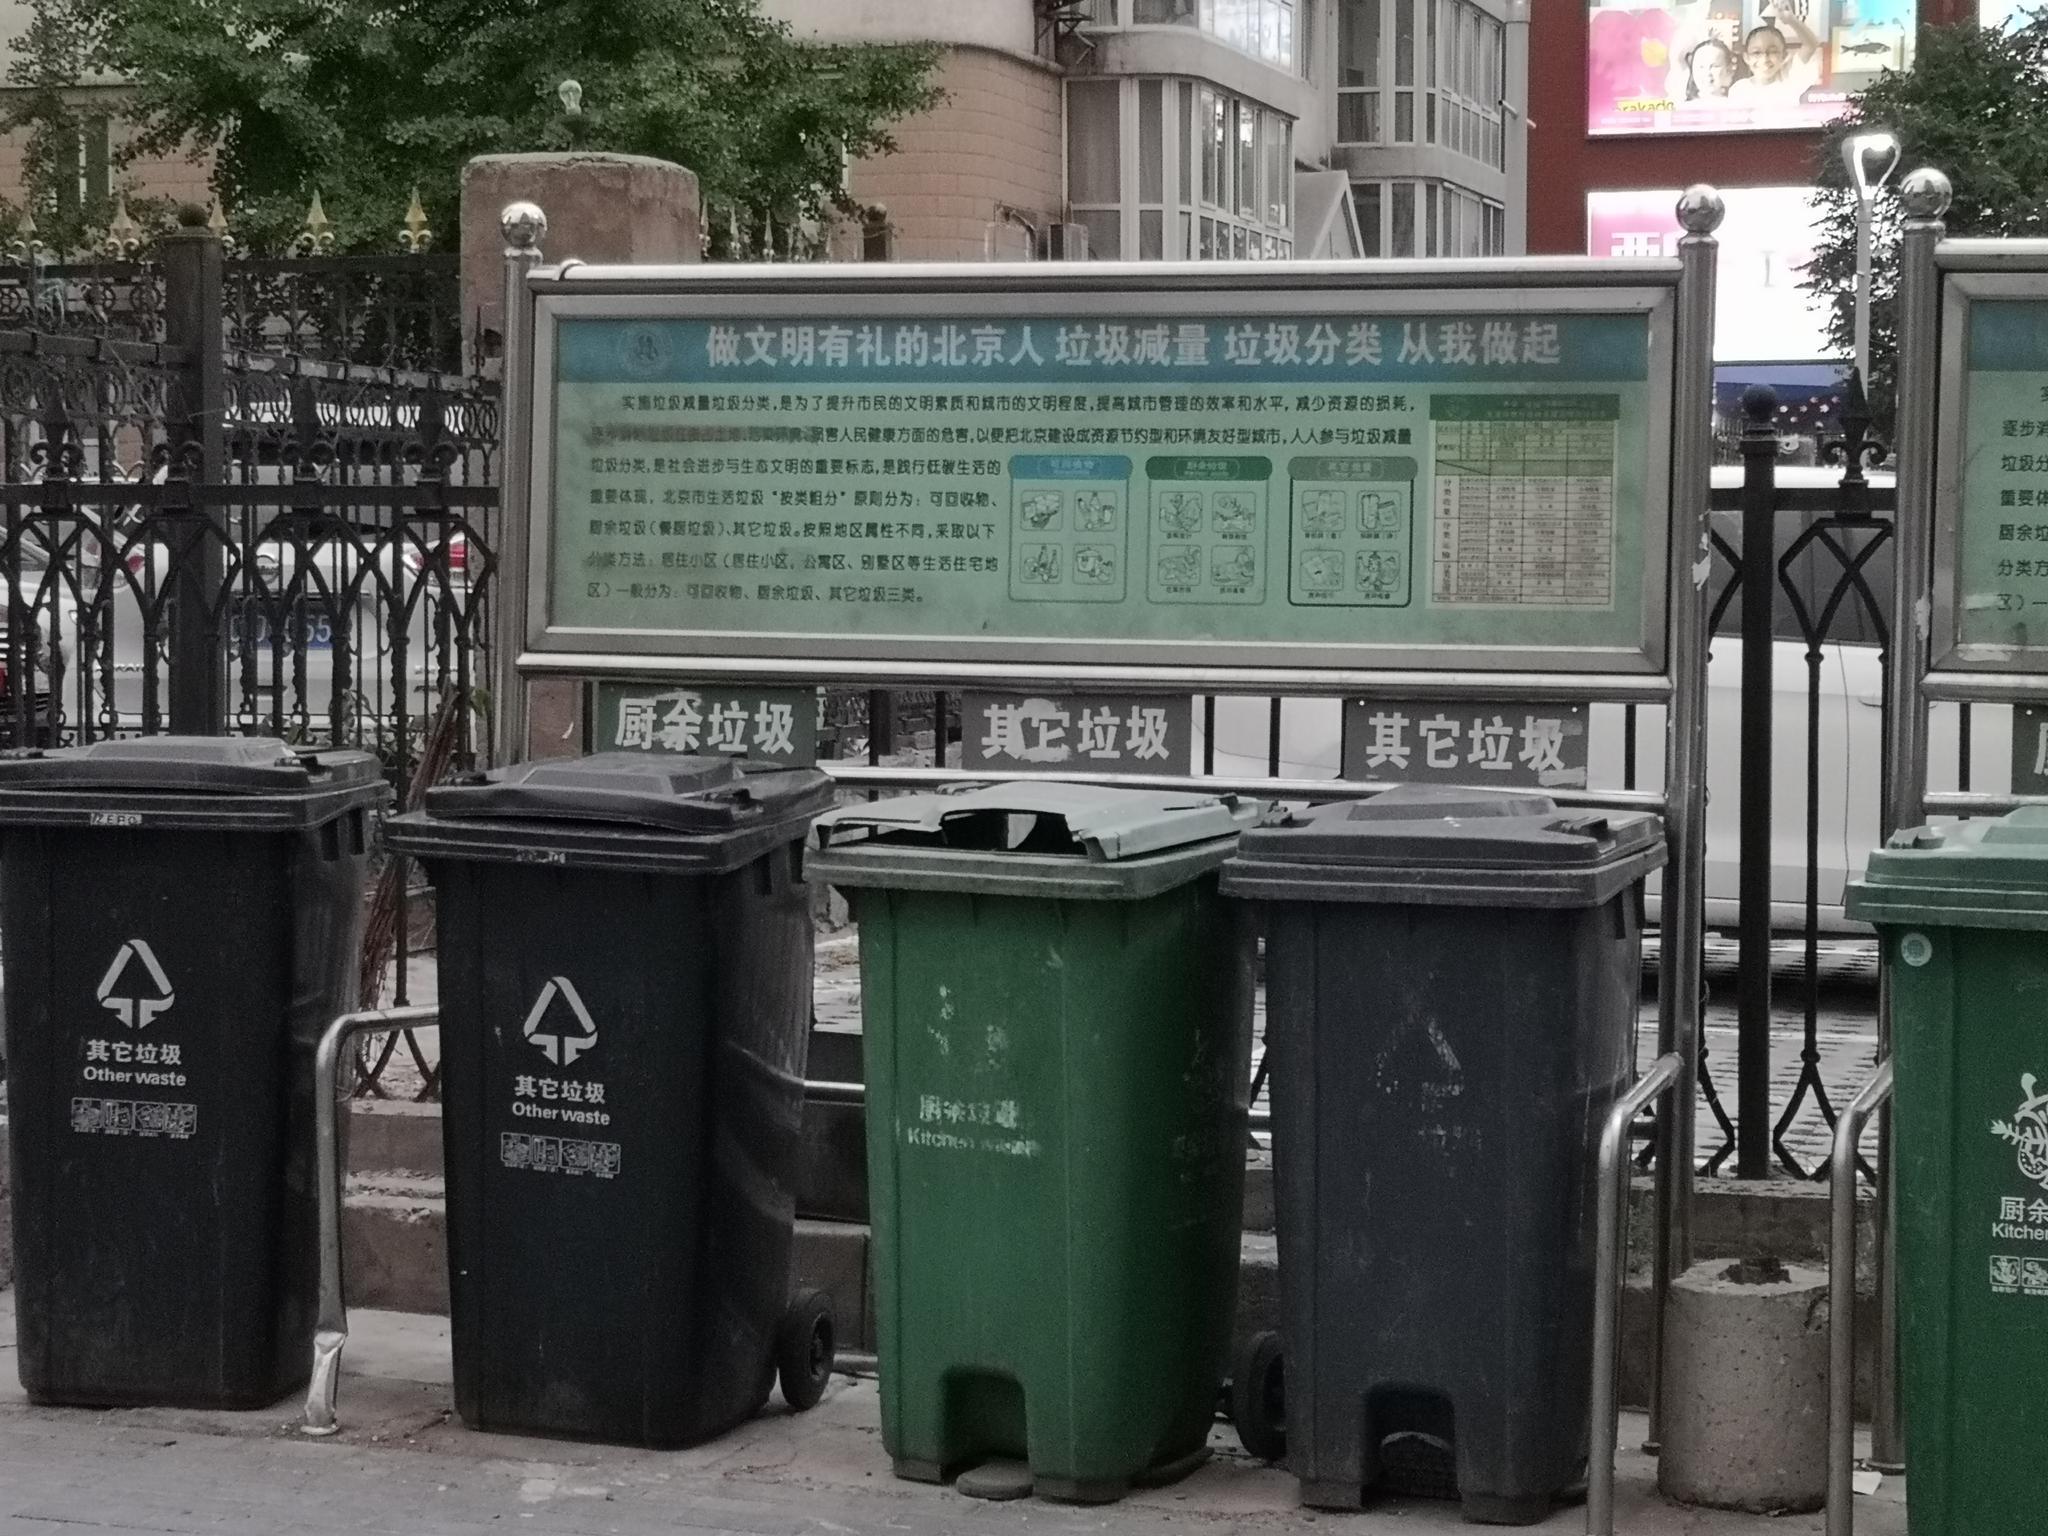 芳星园二区3号楼下的垃圾桶站新闻资讯,其中一个厨余垃圾桶已经损坏。摄影/新京报记者 黄哲程